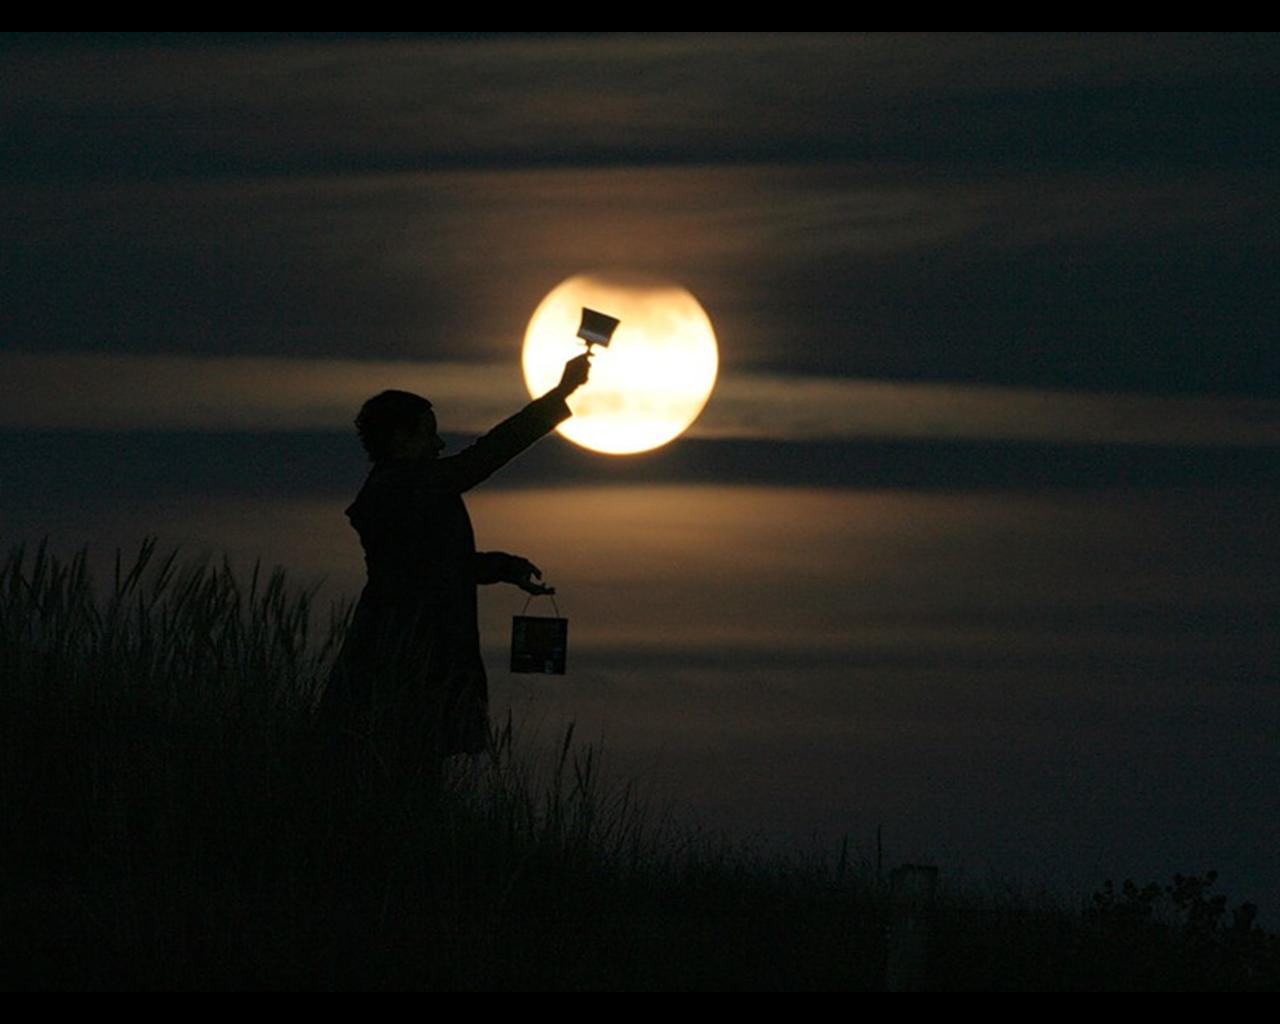 Сеанс «Тротуарной астрономии» пройдет в Вологде